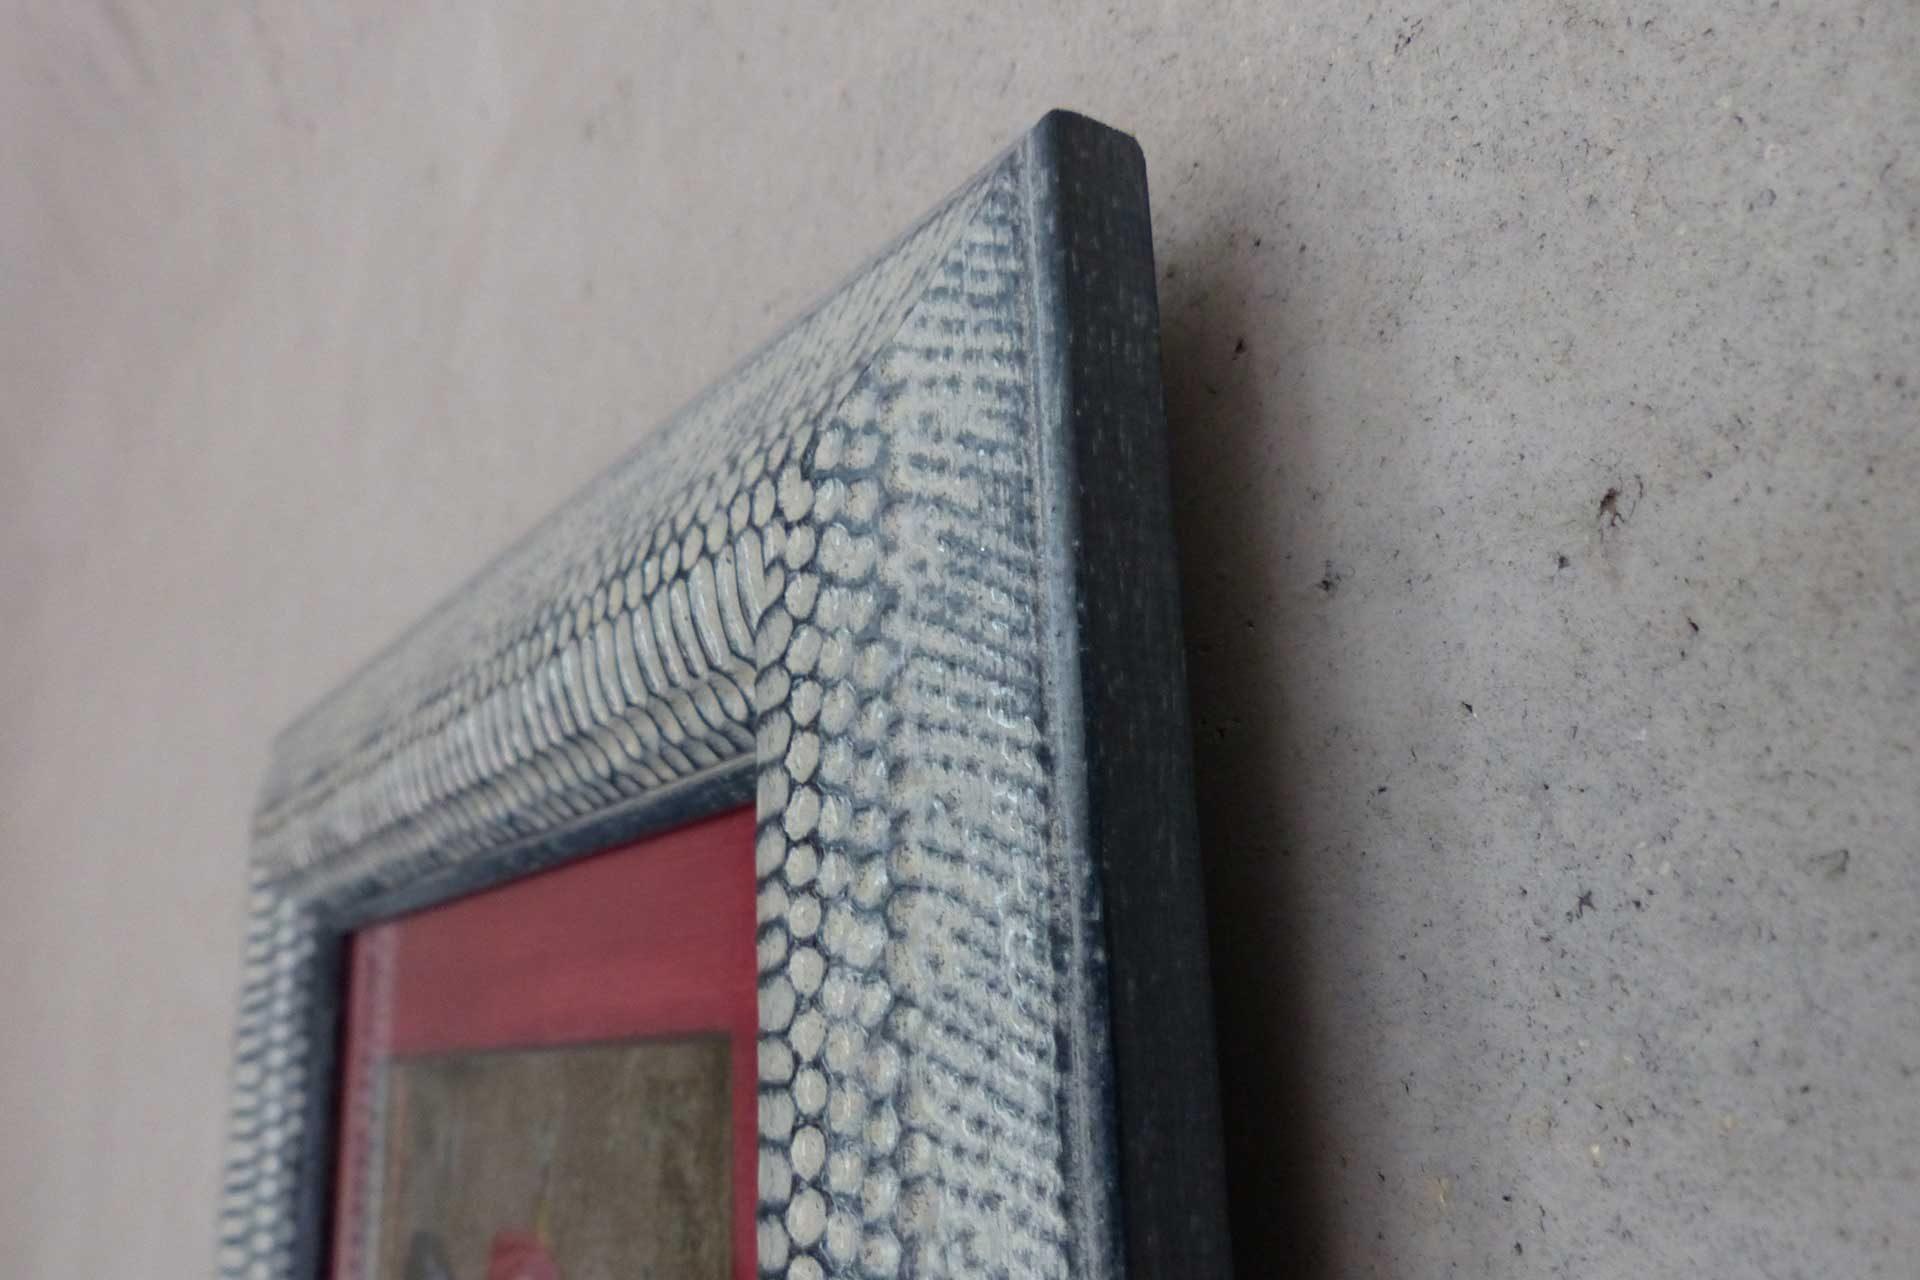 KalkManufaktur Premium Sumpfkalk Marmorputz graubraun